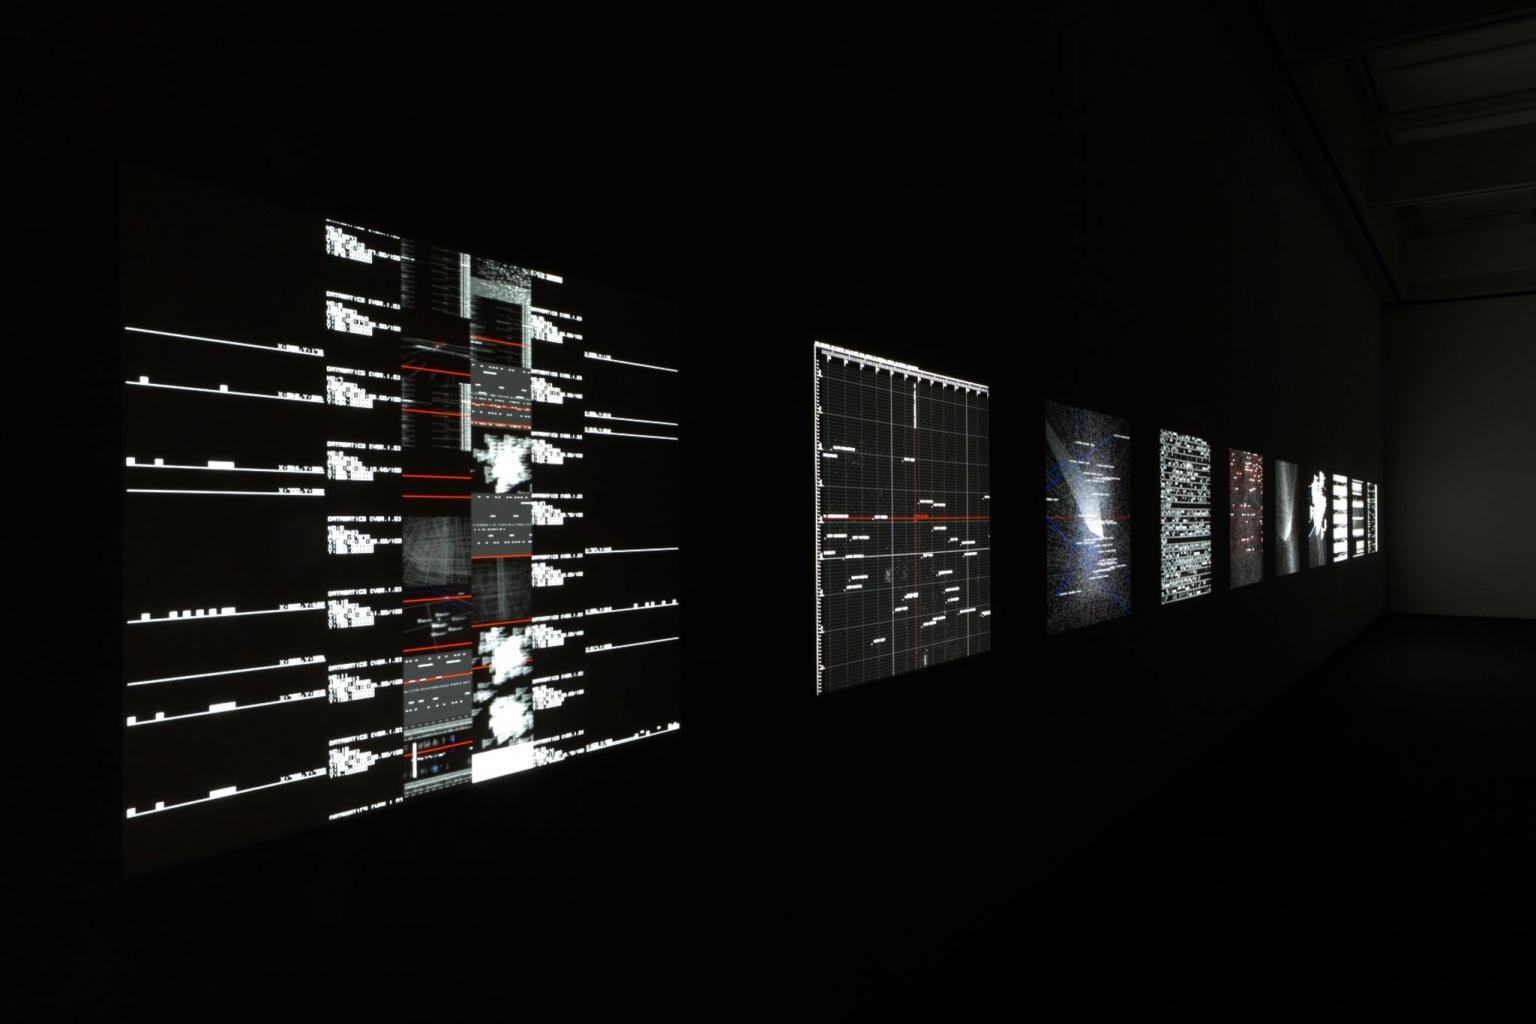 Réalité physique et architecture de l'information avec Ryoji Ikeda à Almine Rech Paris